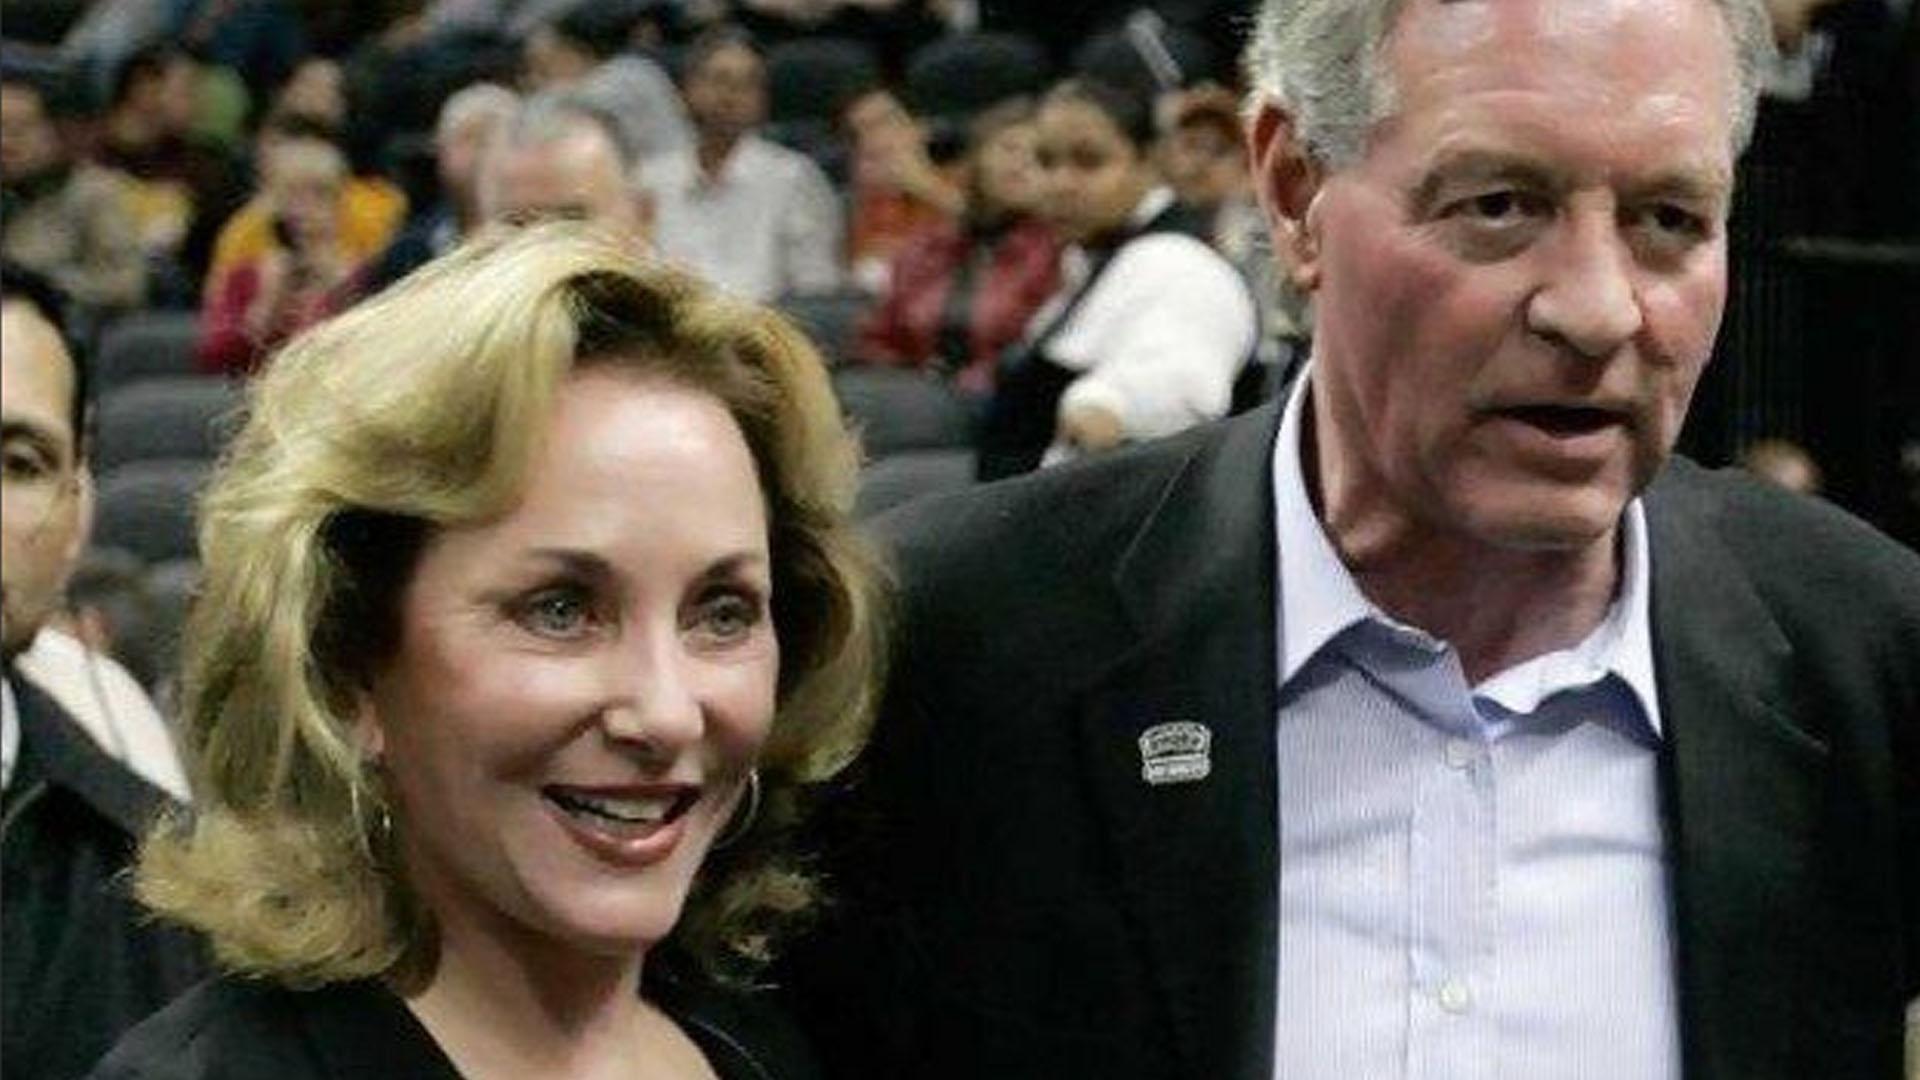 Julianna y Peter, acompañando a los Spurs, en tiempos felices